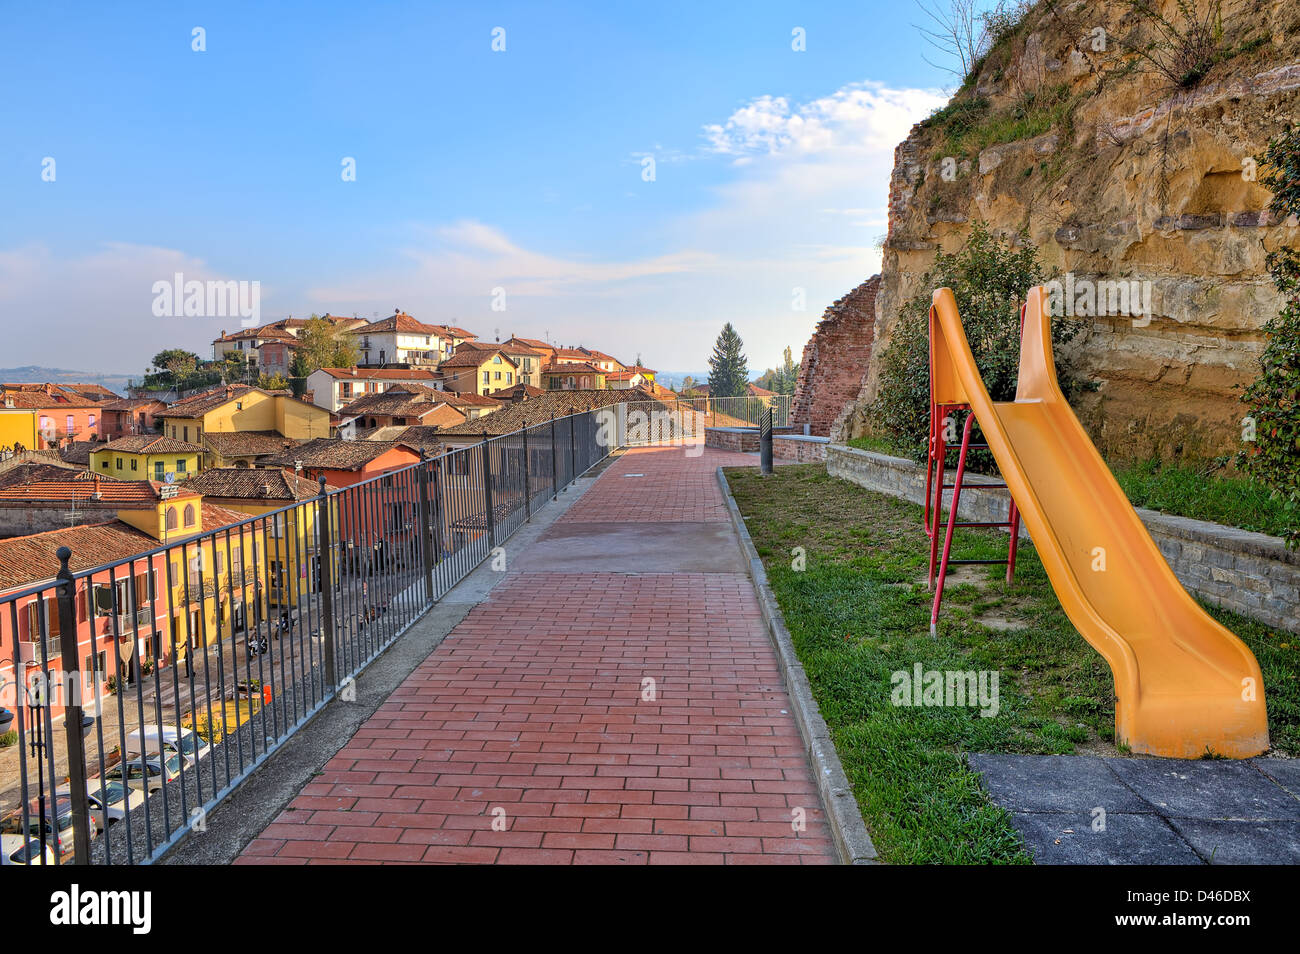 Los niños amarillo deslice sobre el parque infantil público en la pequeña ciudad de Diano D'Alba Imagen De Stock